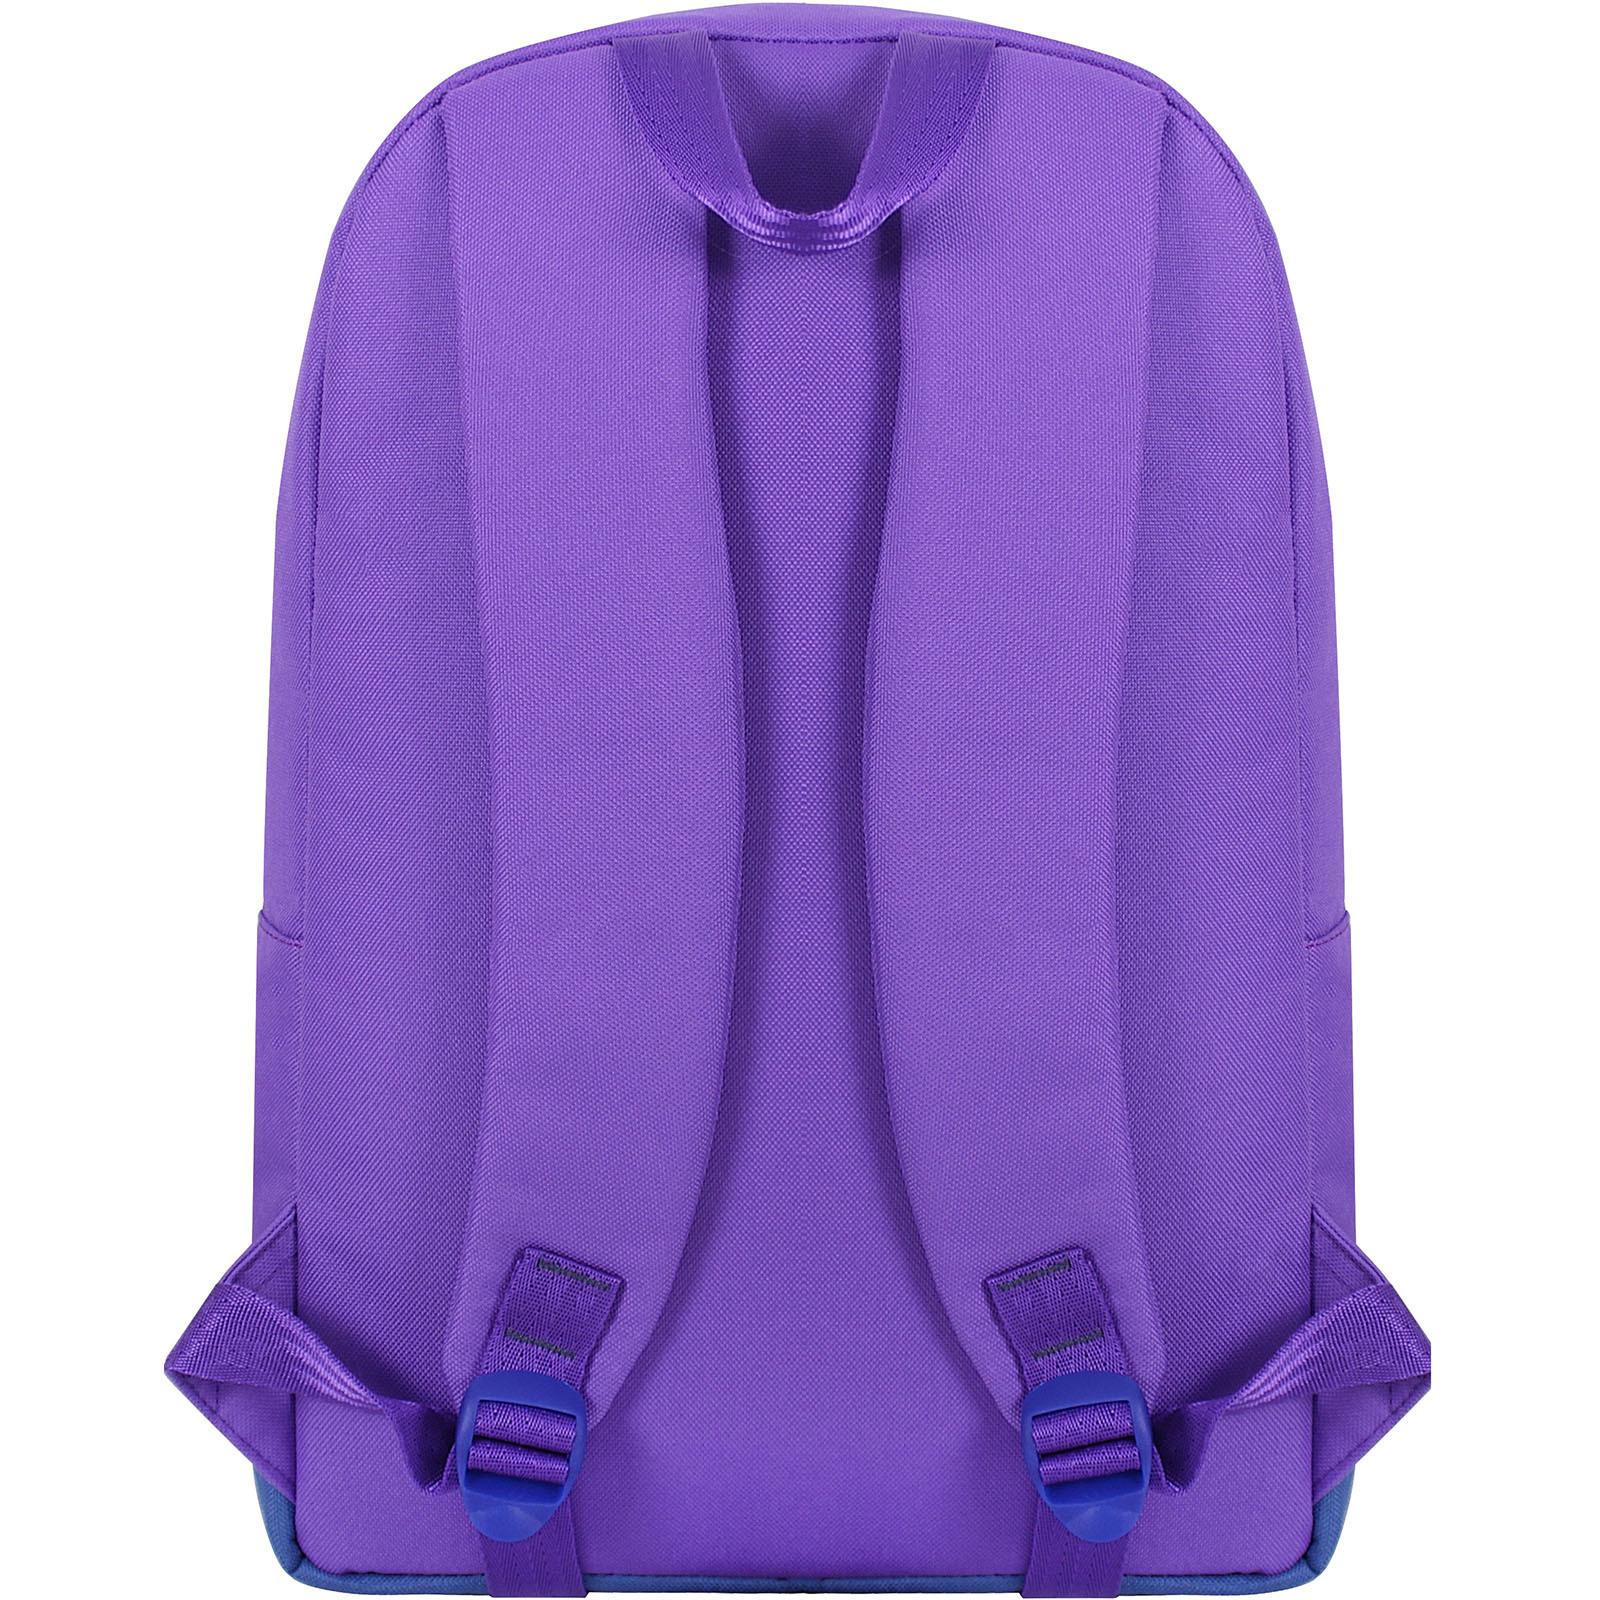 Рюкзак Bagland Amber 15 л. фиолетовый (0010466) фото 3